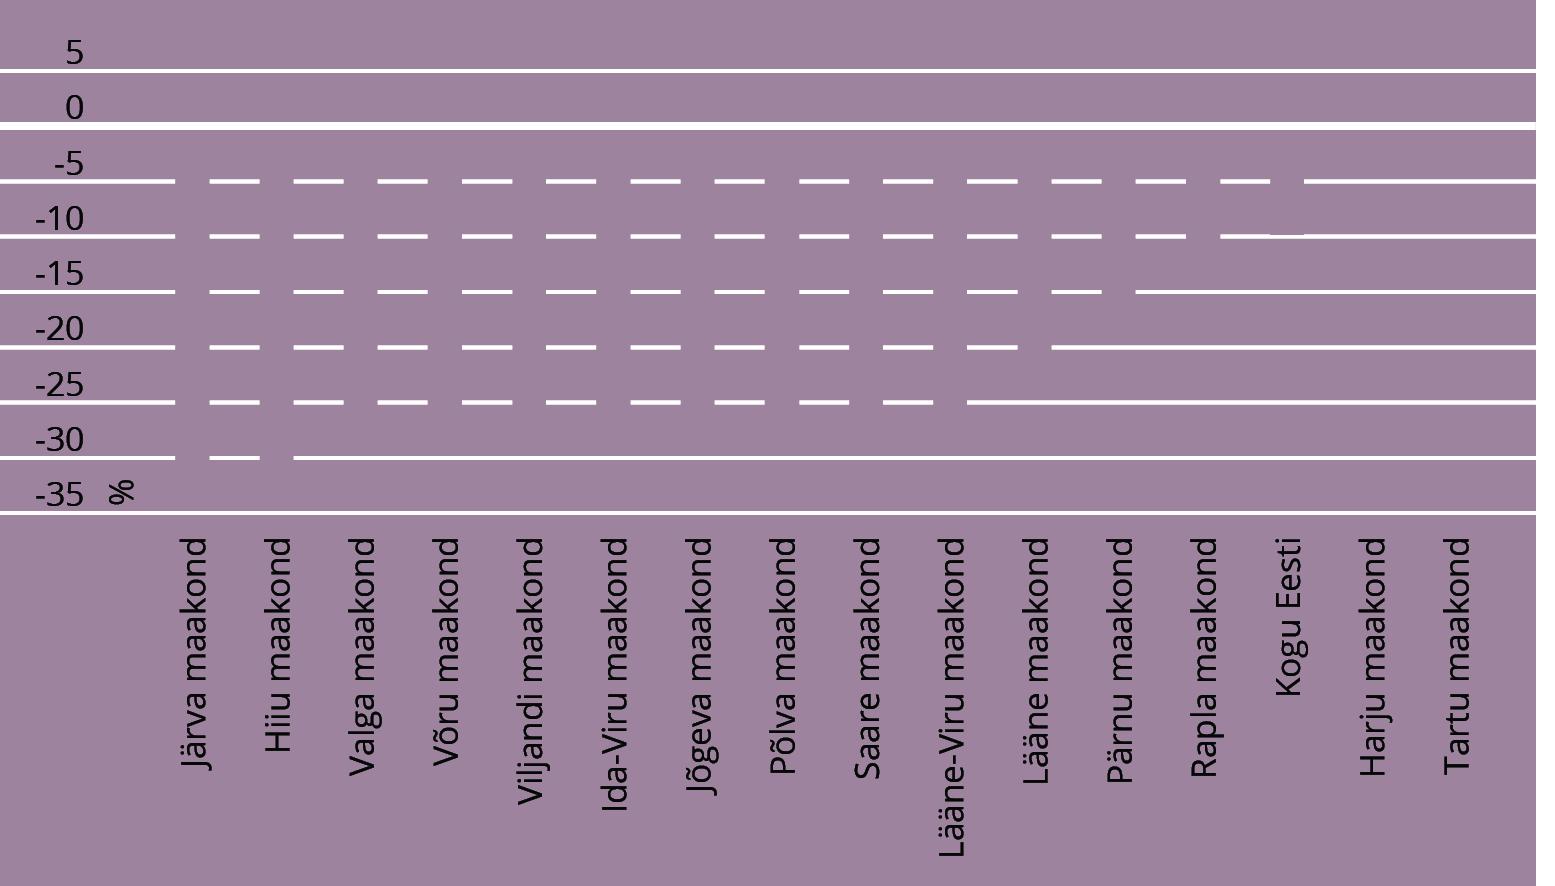 JOONIS 4. Rahvaarvu muutuse prognoos aastatel 2012–2040 maakondade kaupa. Allikas: statistikaamet (2014)